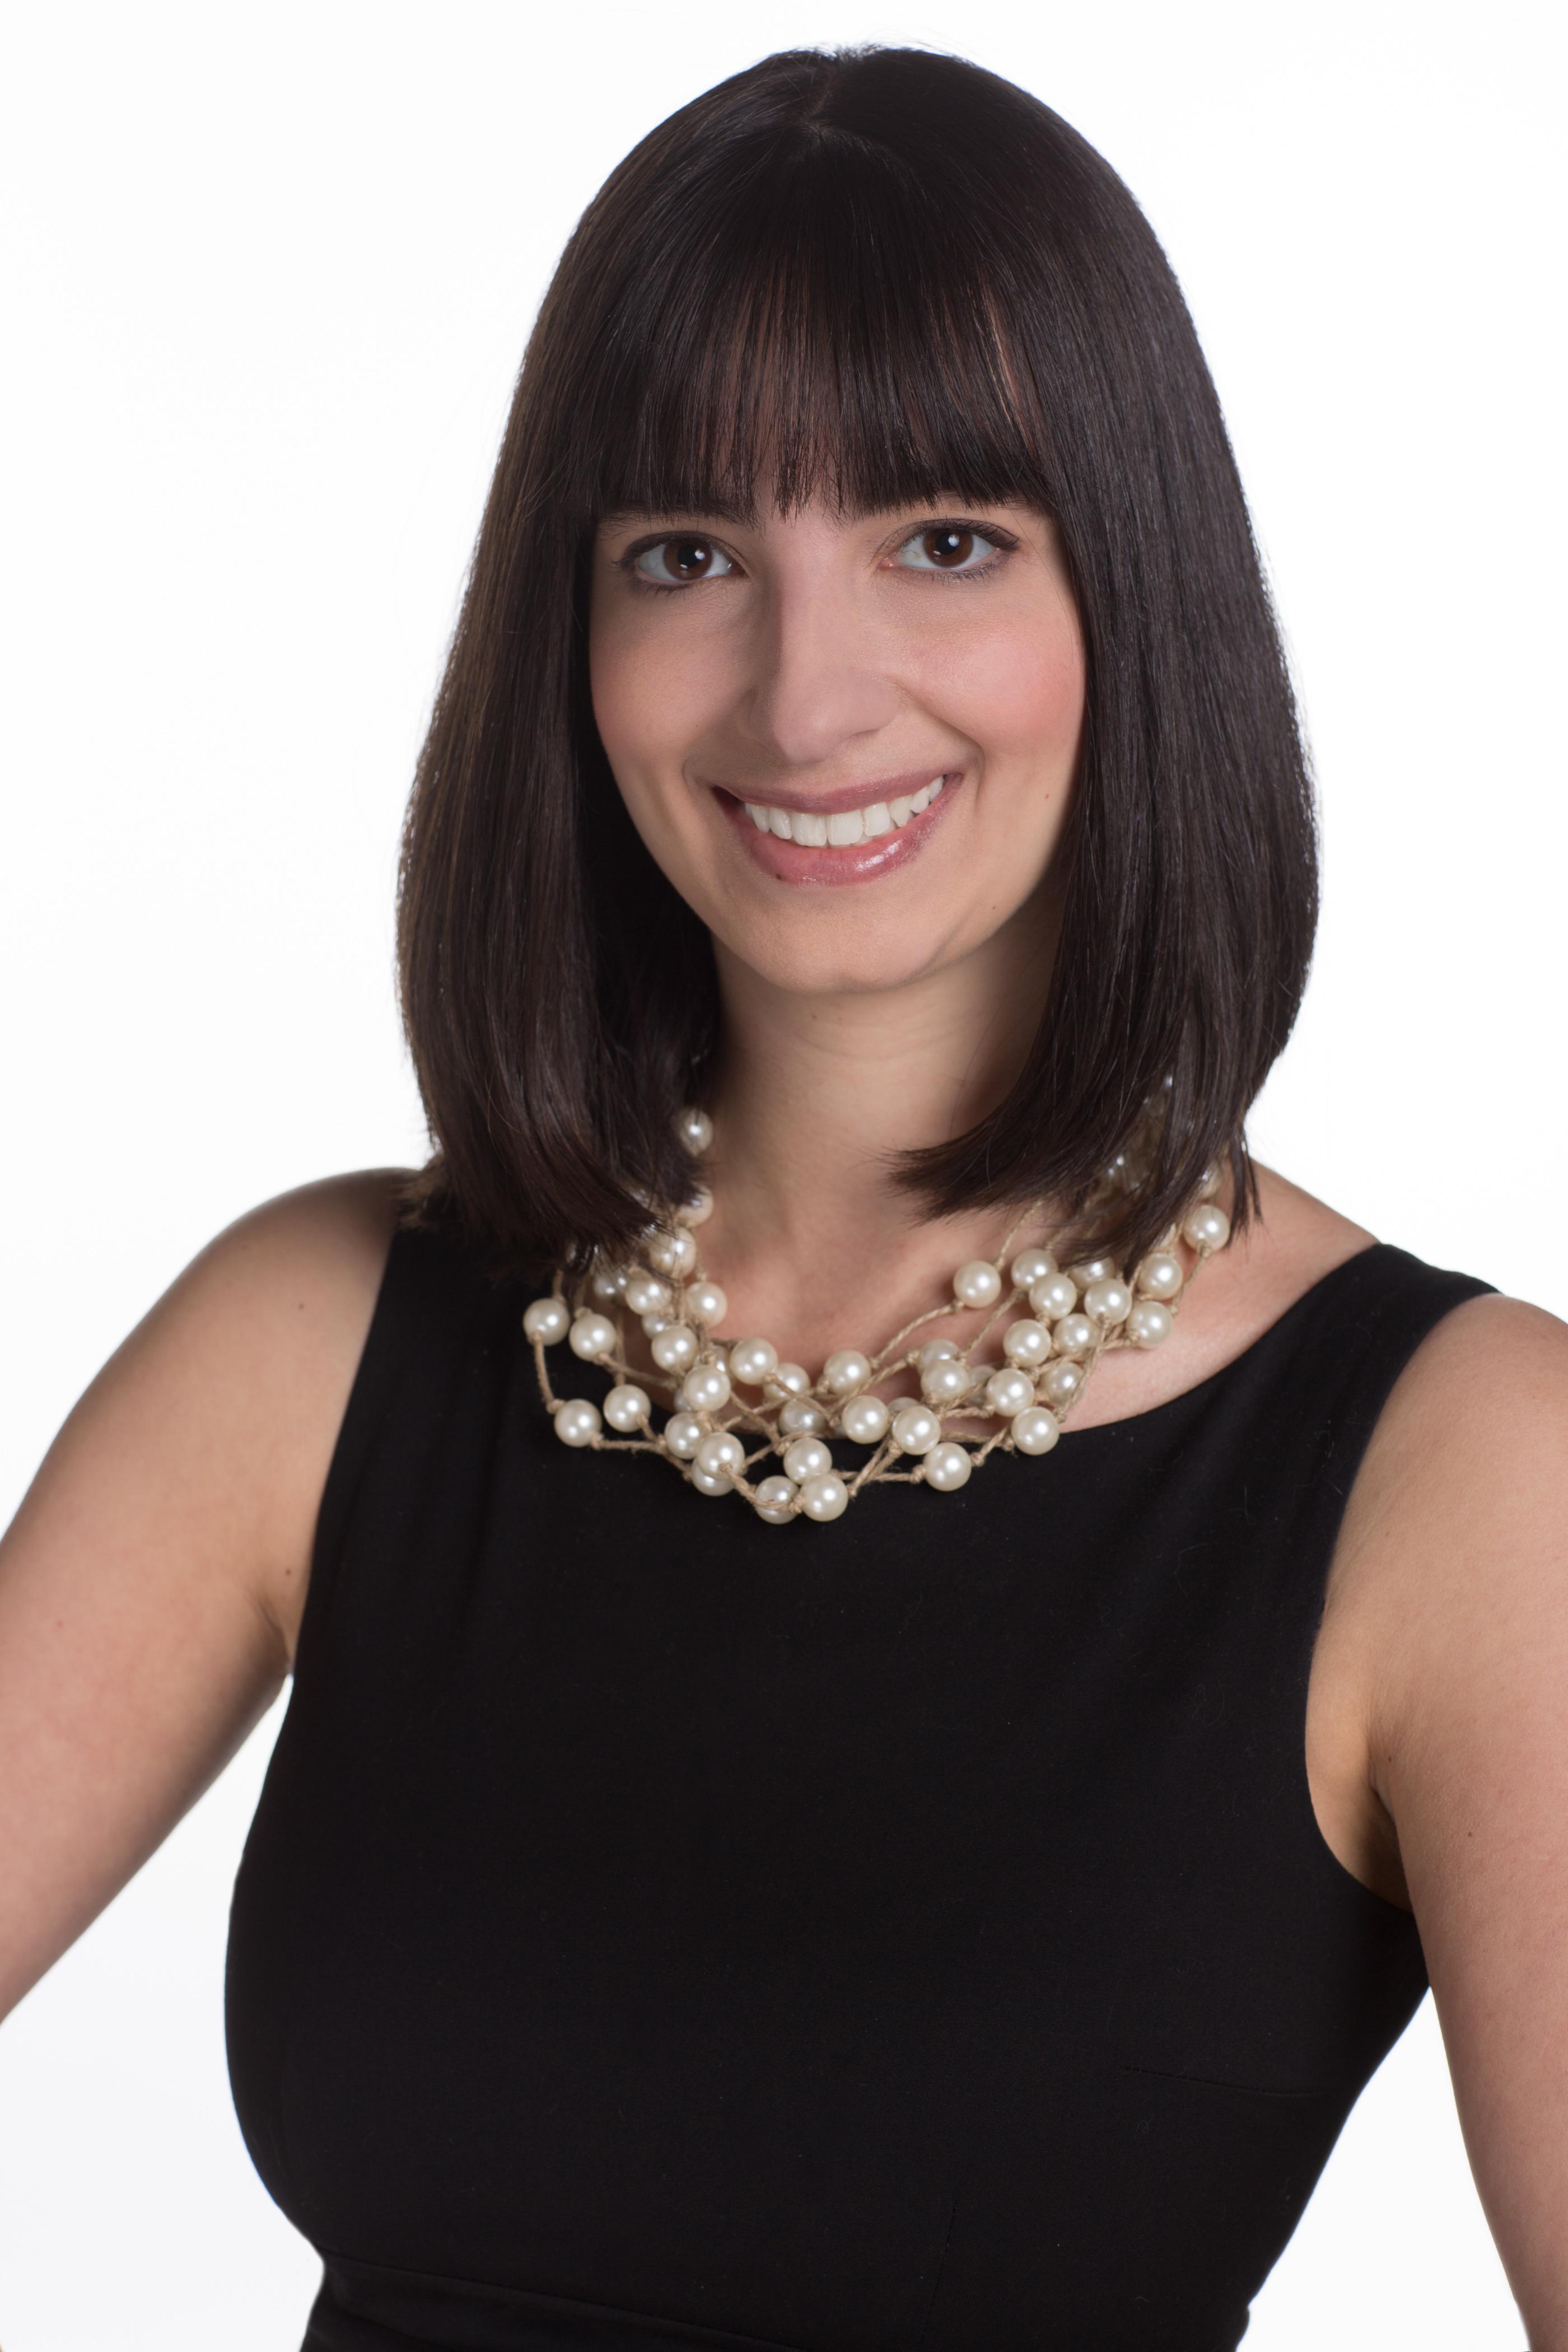 Chloe Rosen